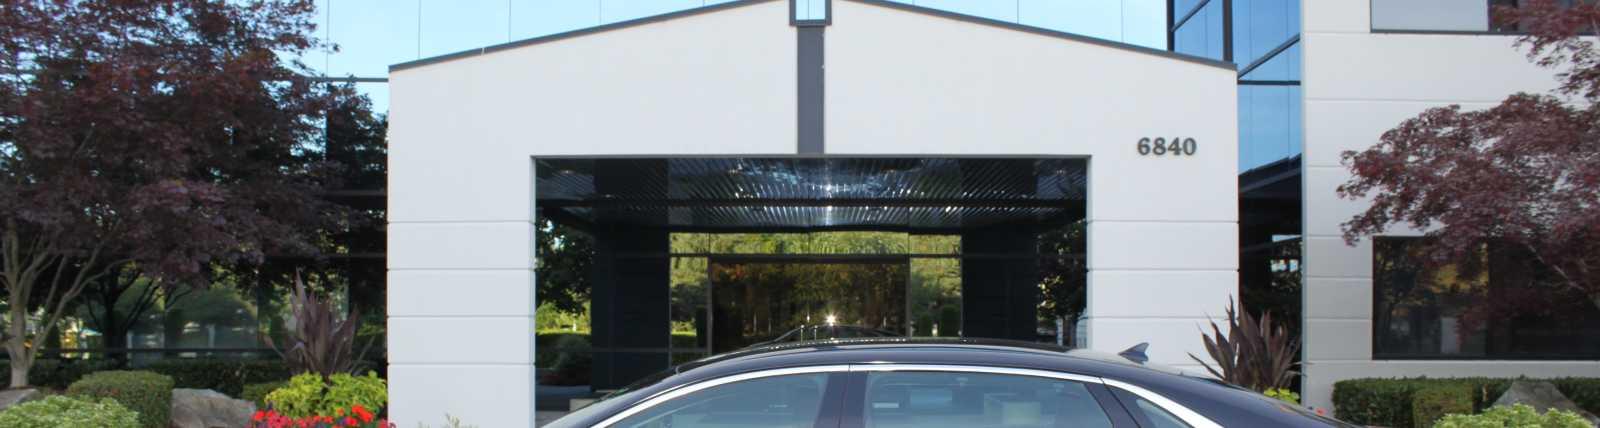 Pacific Northwest Limousine Services, LLC